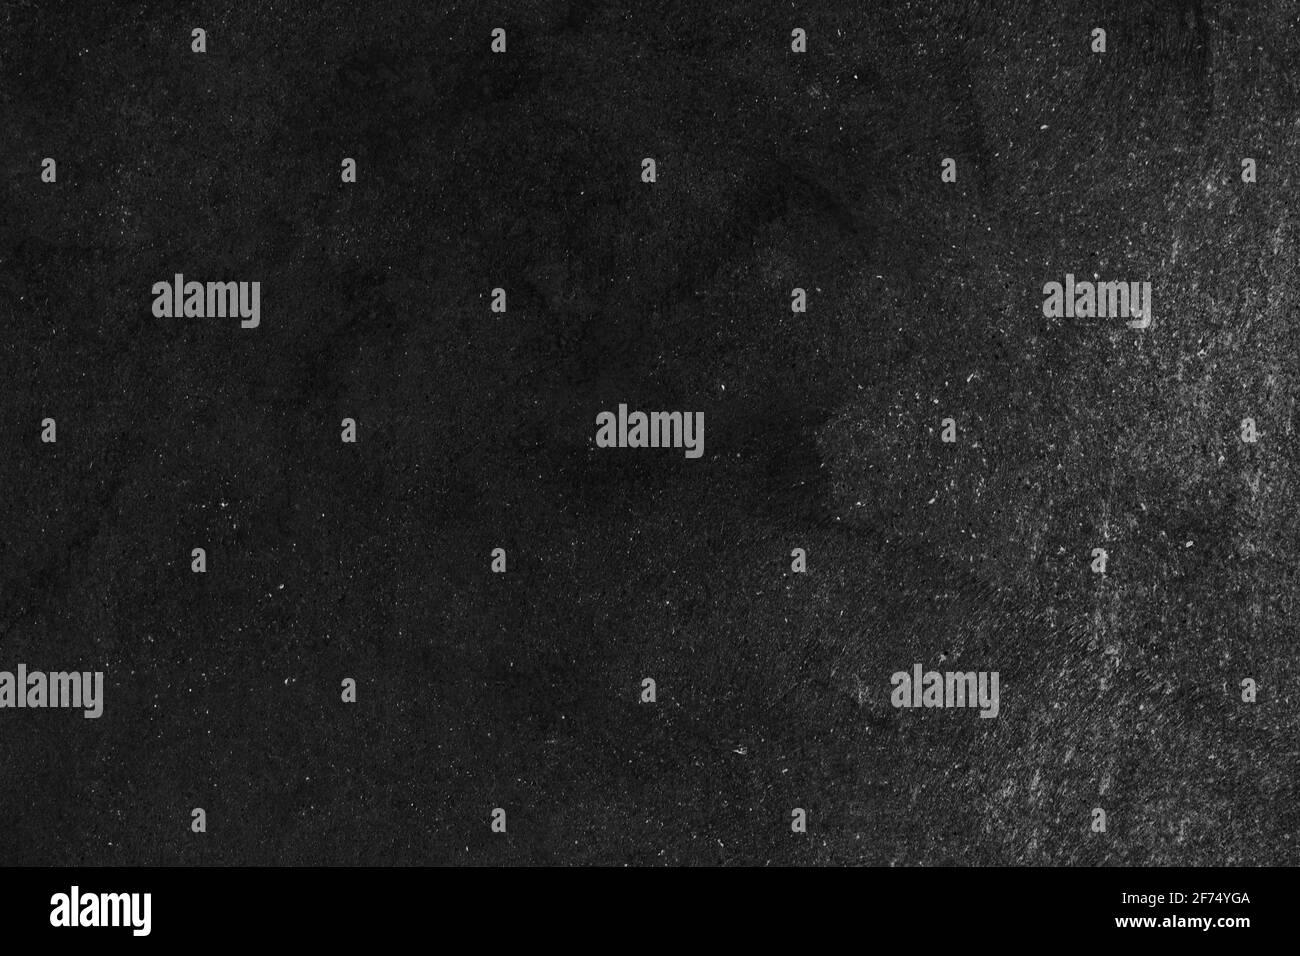 Blanc avant Real noir tableau noir texture d'arrière-plan dans le concept d'université pour le fond d'écran de l'enfant de retour à l'école pour créer blanc craie texte dessiner graphique. CA Banque D'Images